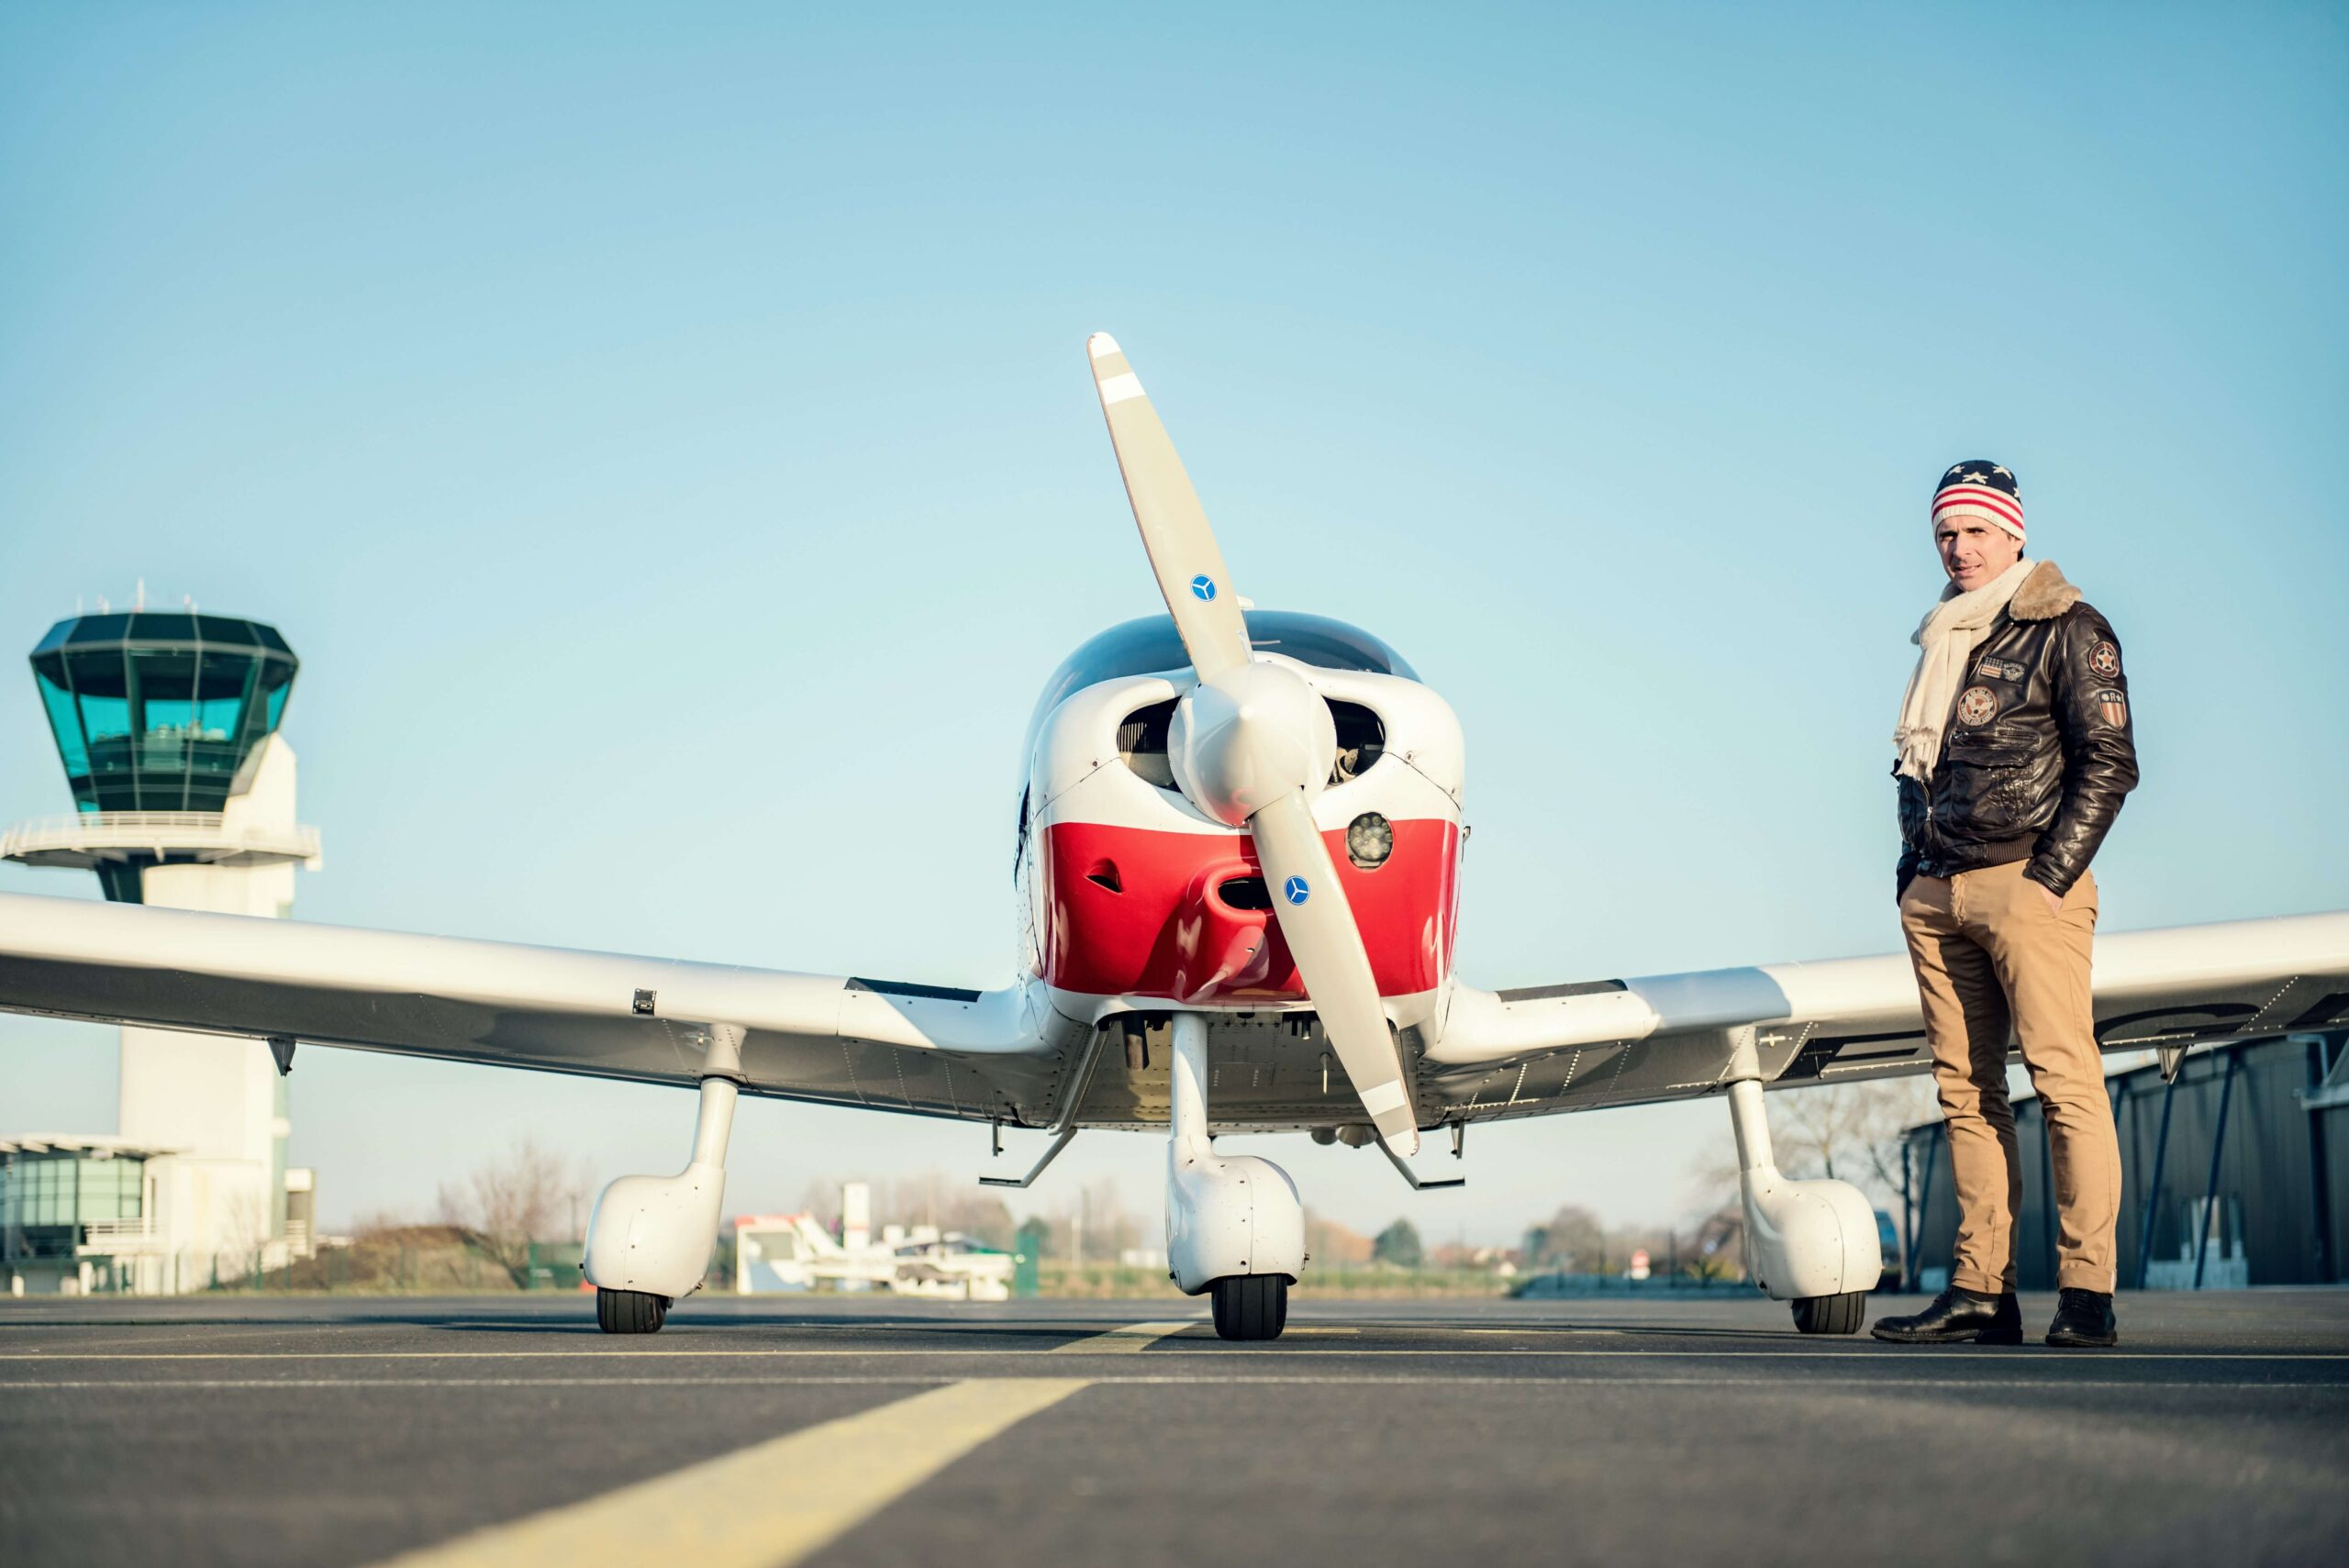 Pilotuddannelse. I Tvivl Om Valg Af Pilotskole